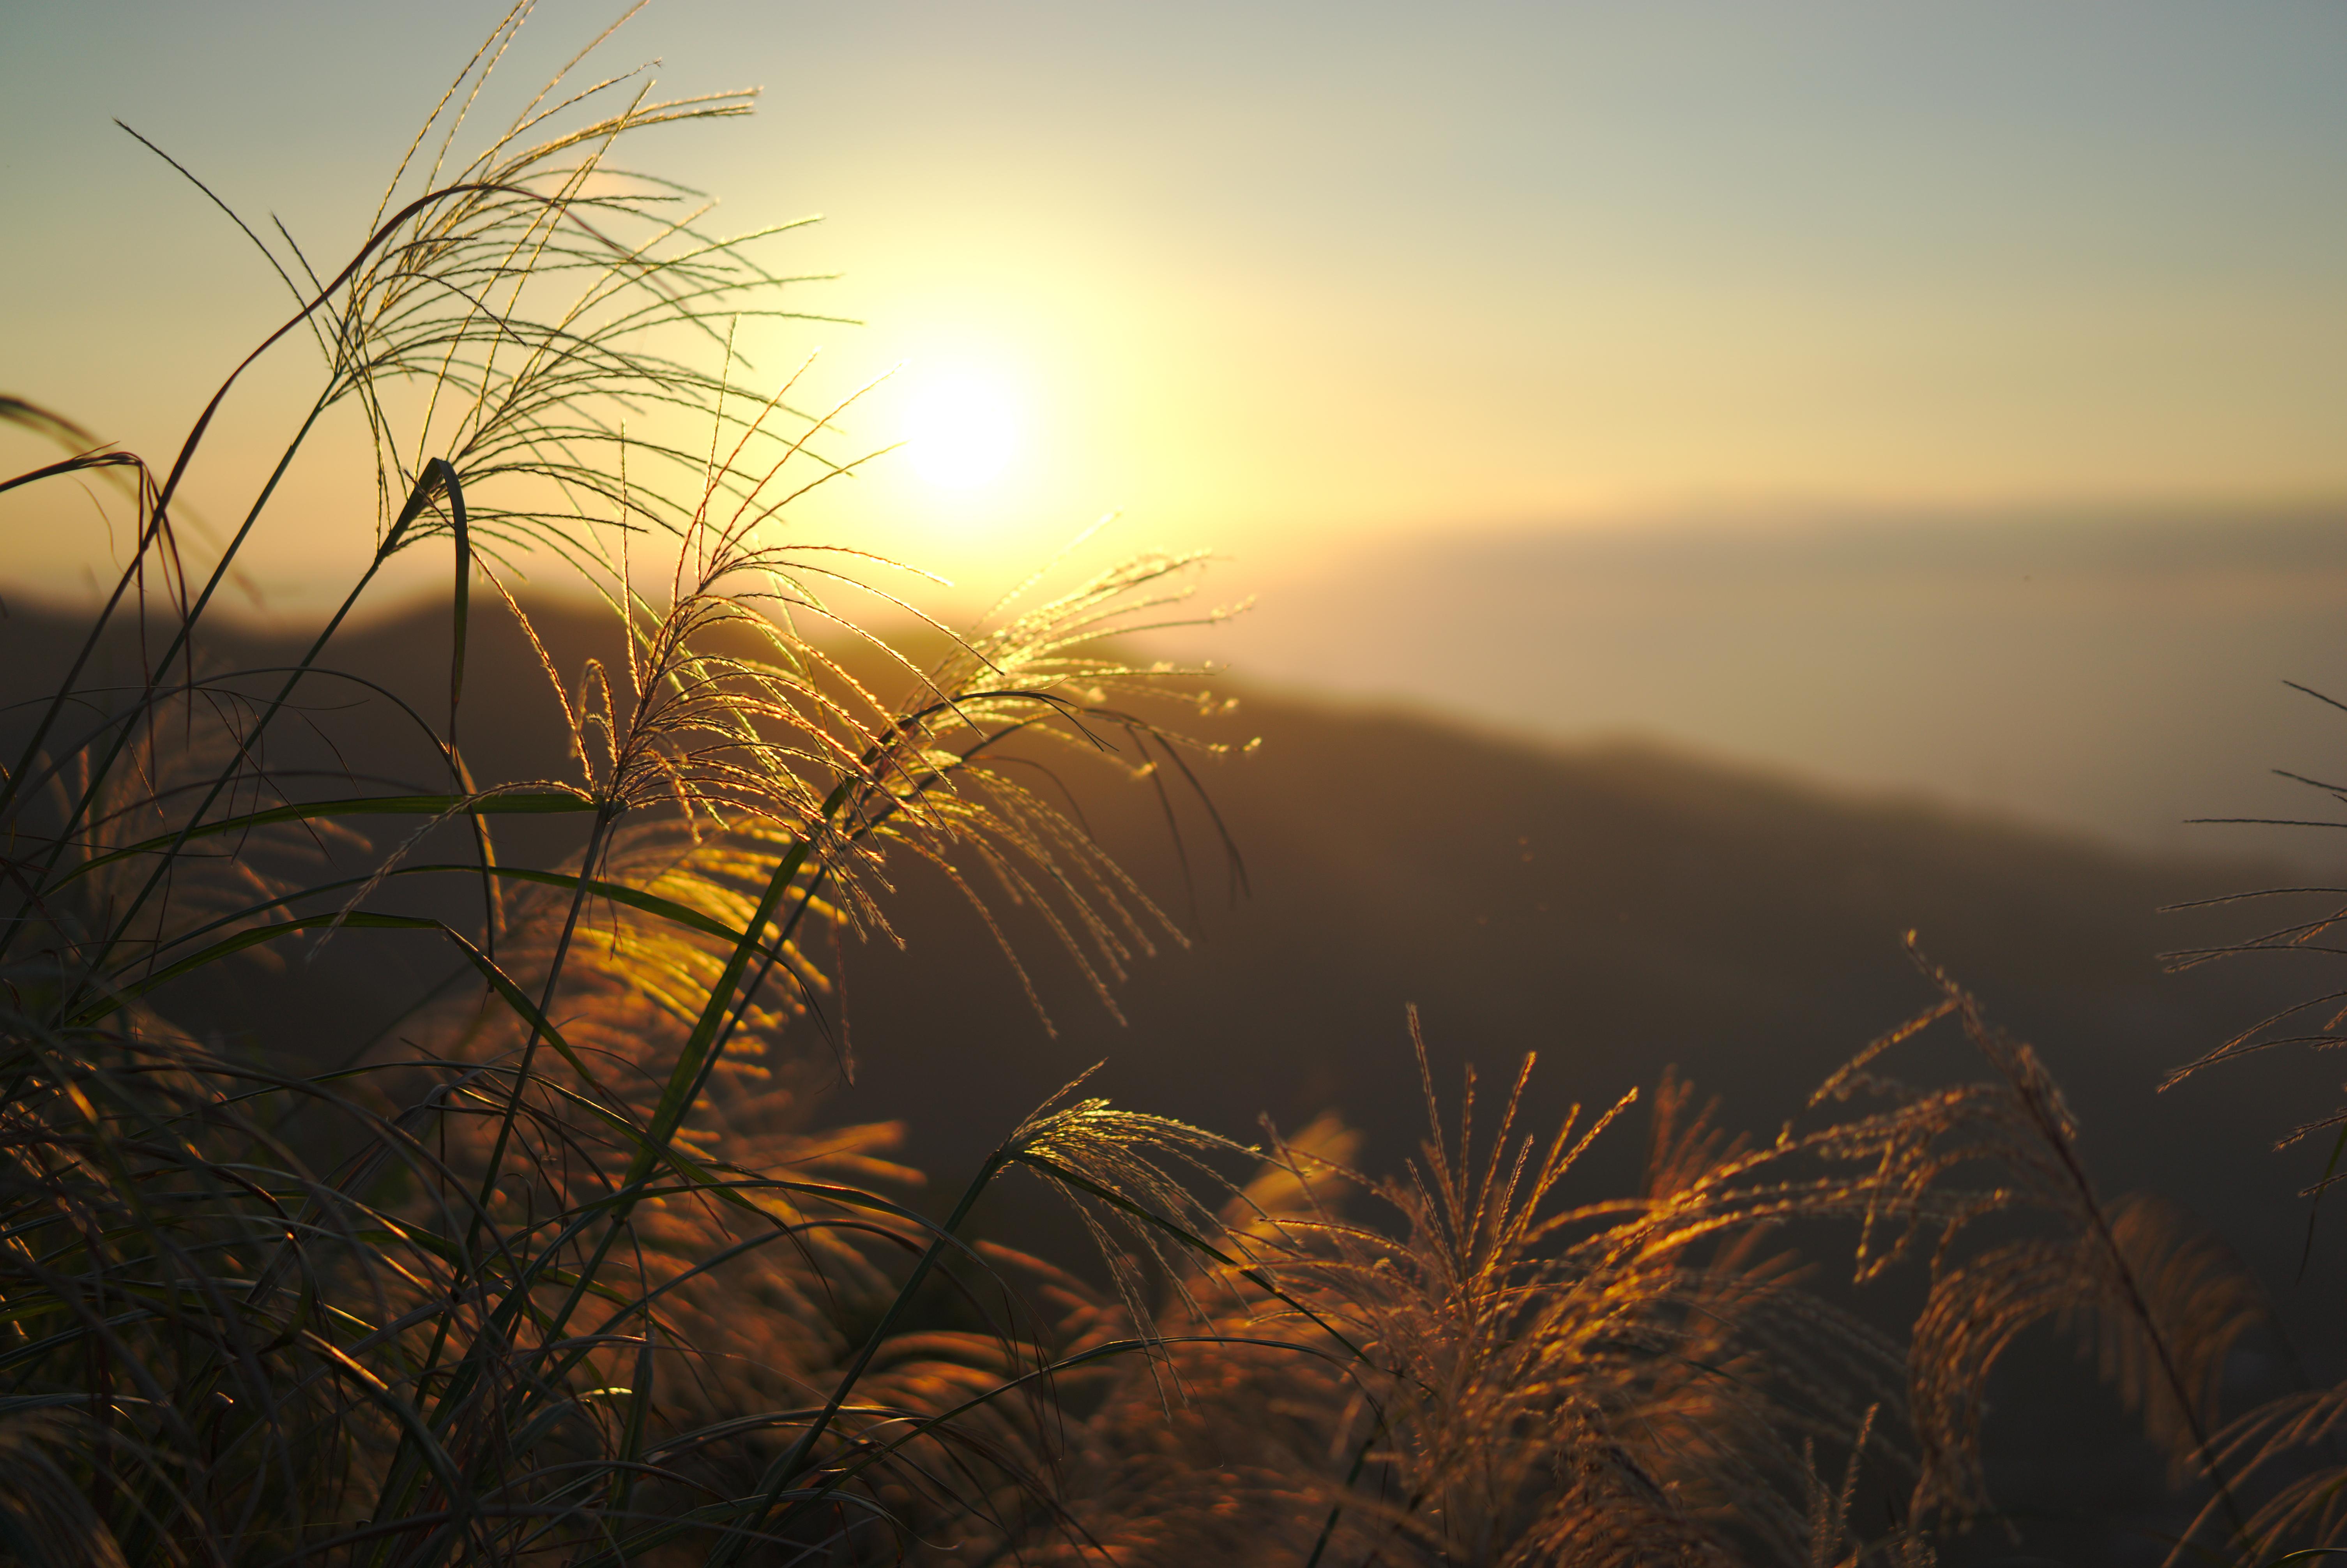 116497 скачать обои Природа, Трава, Закат, Свет, Растения, Солнце - заставки и картинки бесплатно